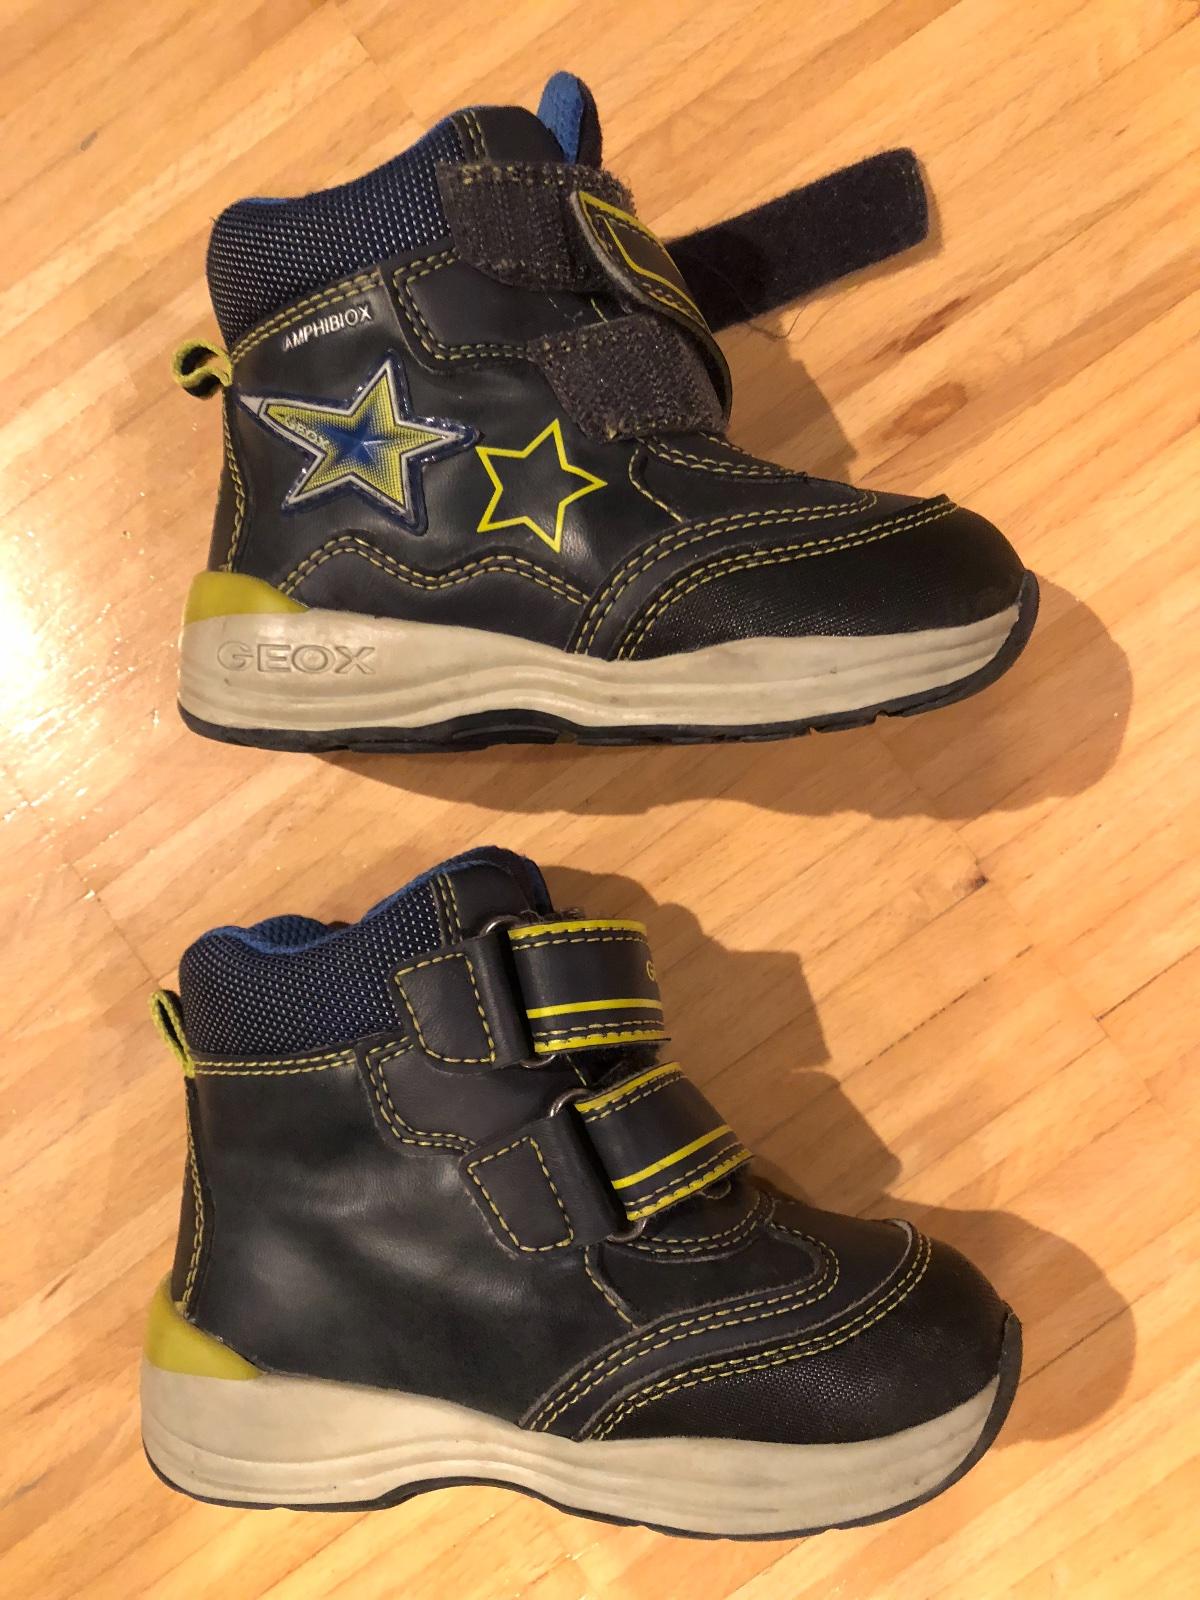 Dětské zimní boty geox svítící ebe69d54b6